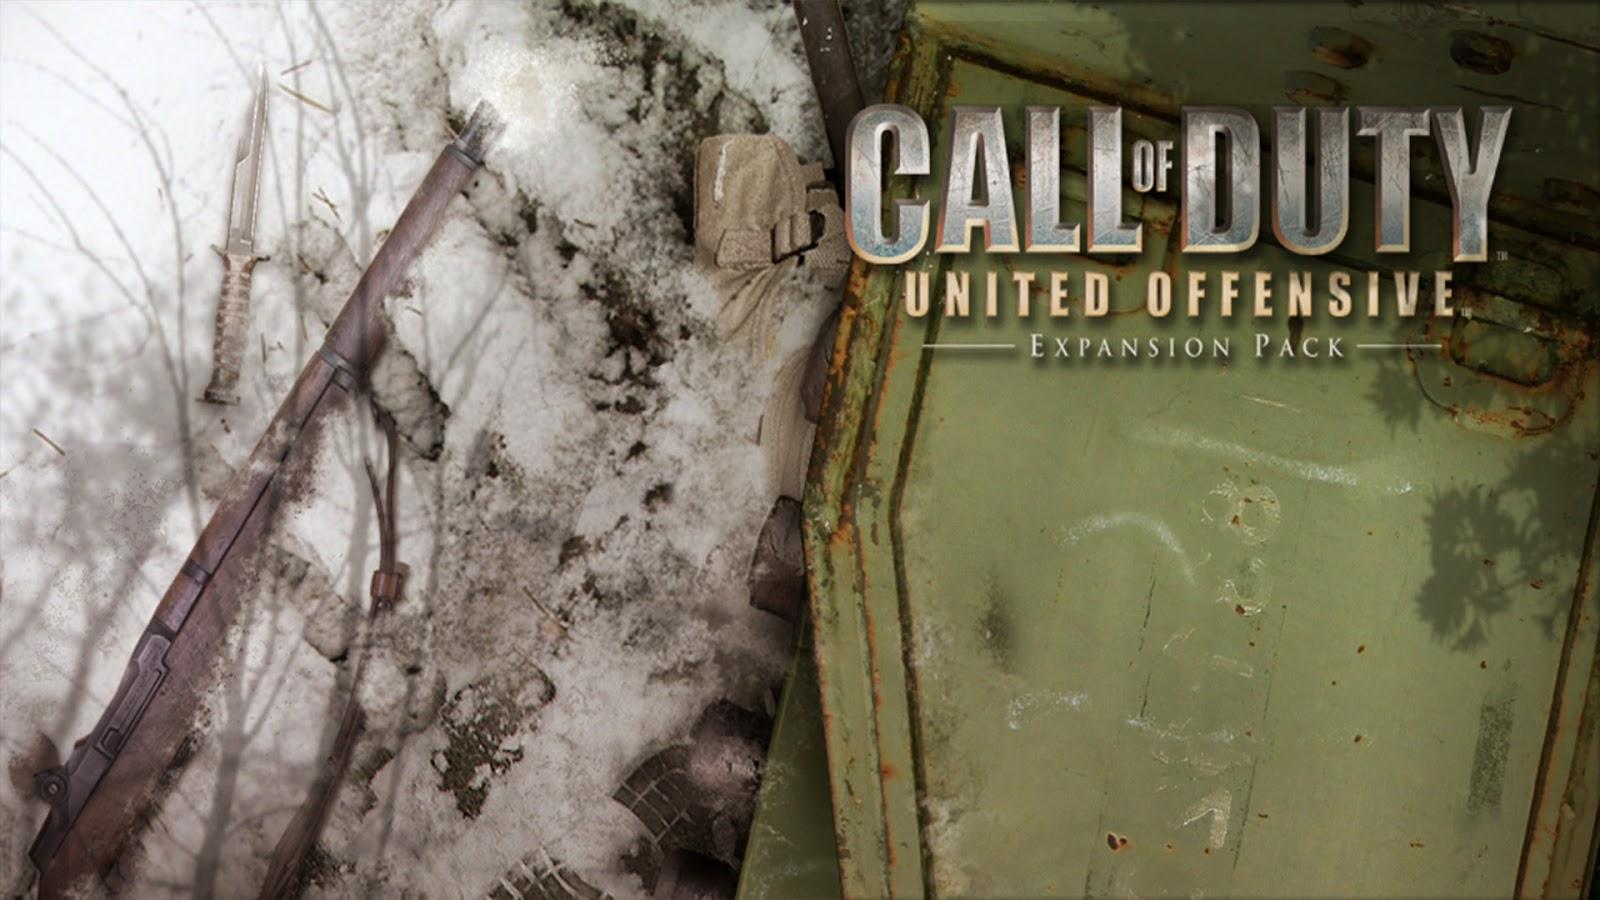 تحميل لعبة الأكشن كول أوف ديوتي يونايتد أوفينسيف - Call of Duty: United Offensive